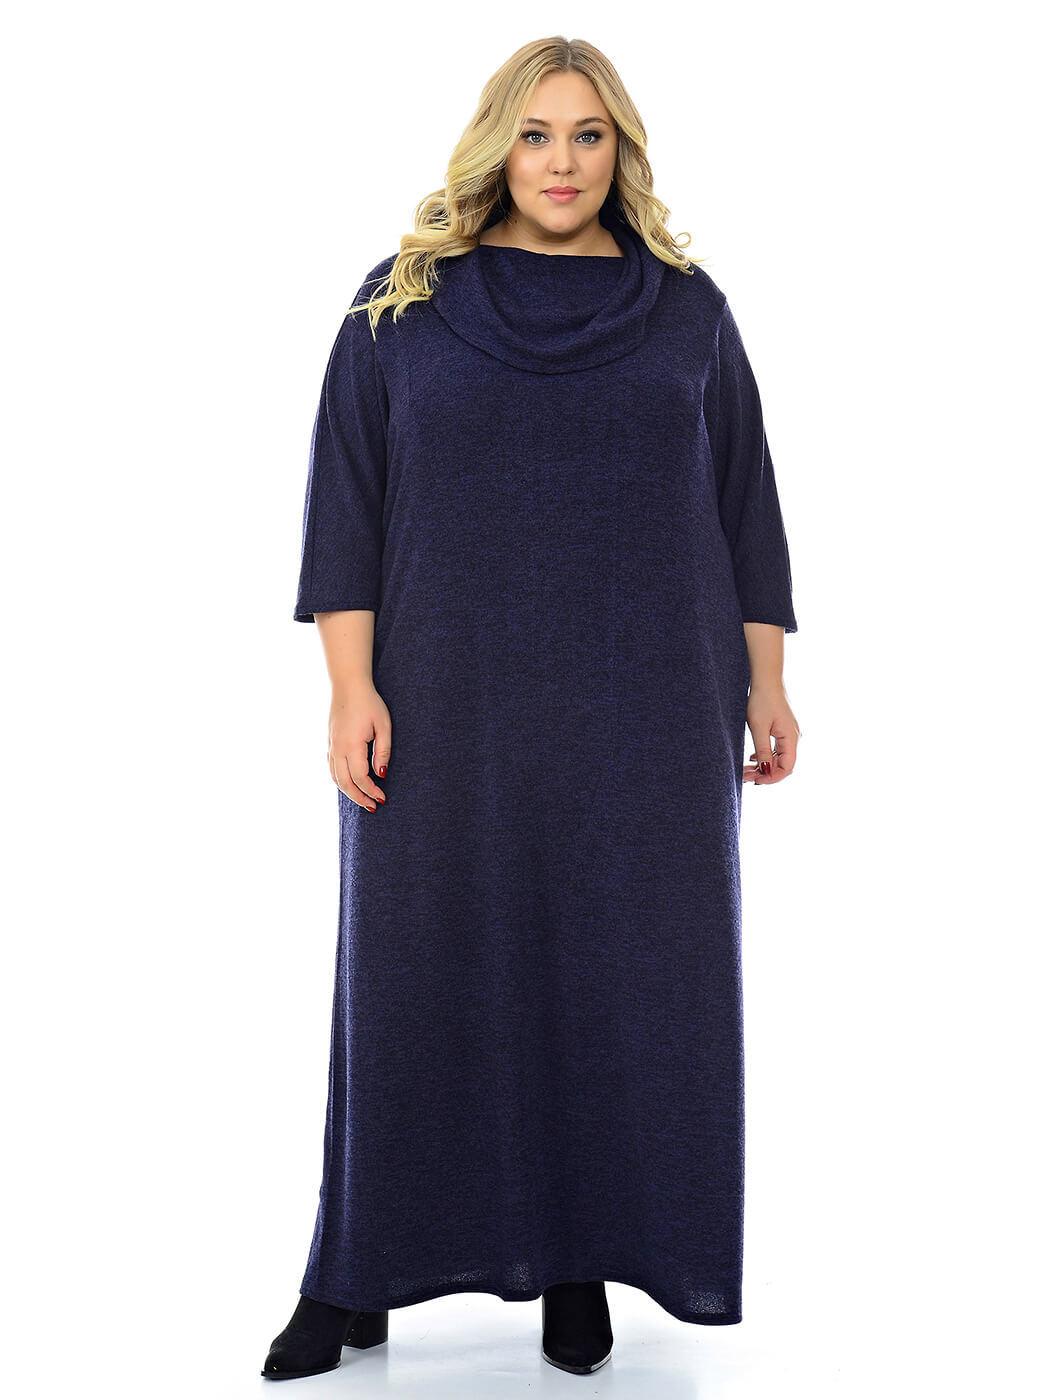 Длинное платье Ангора с воротником